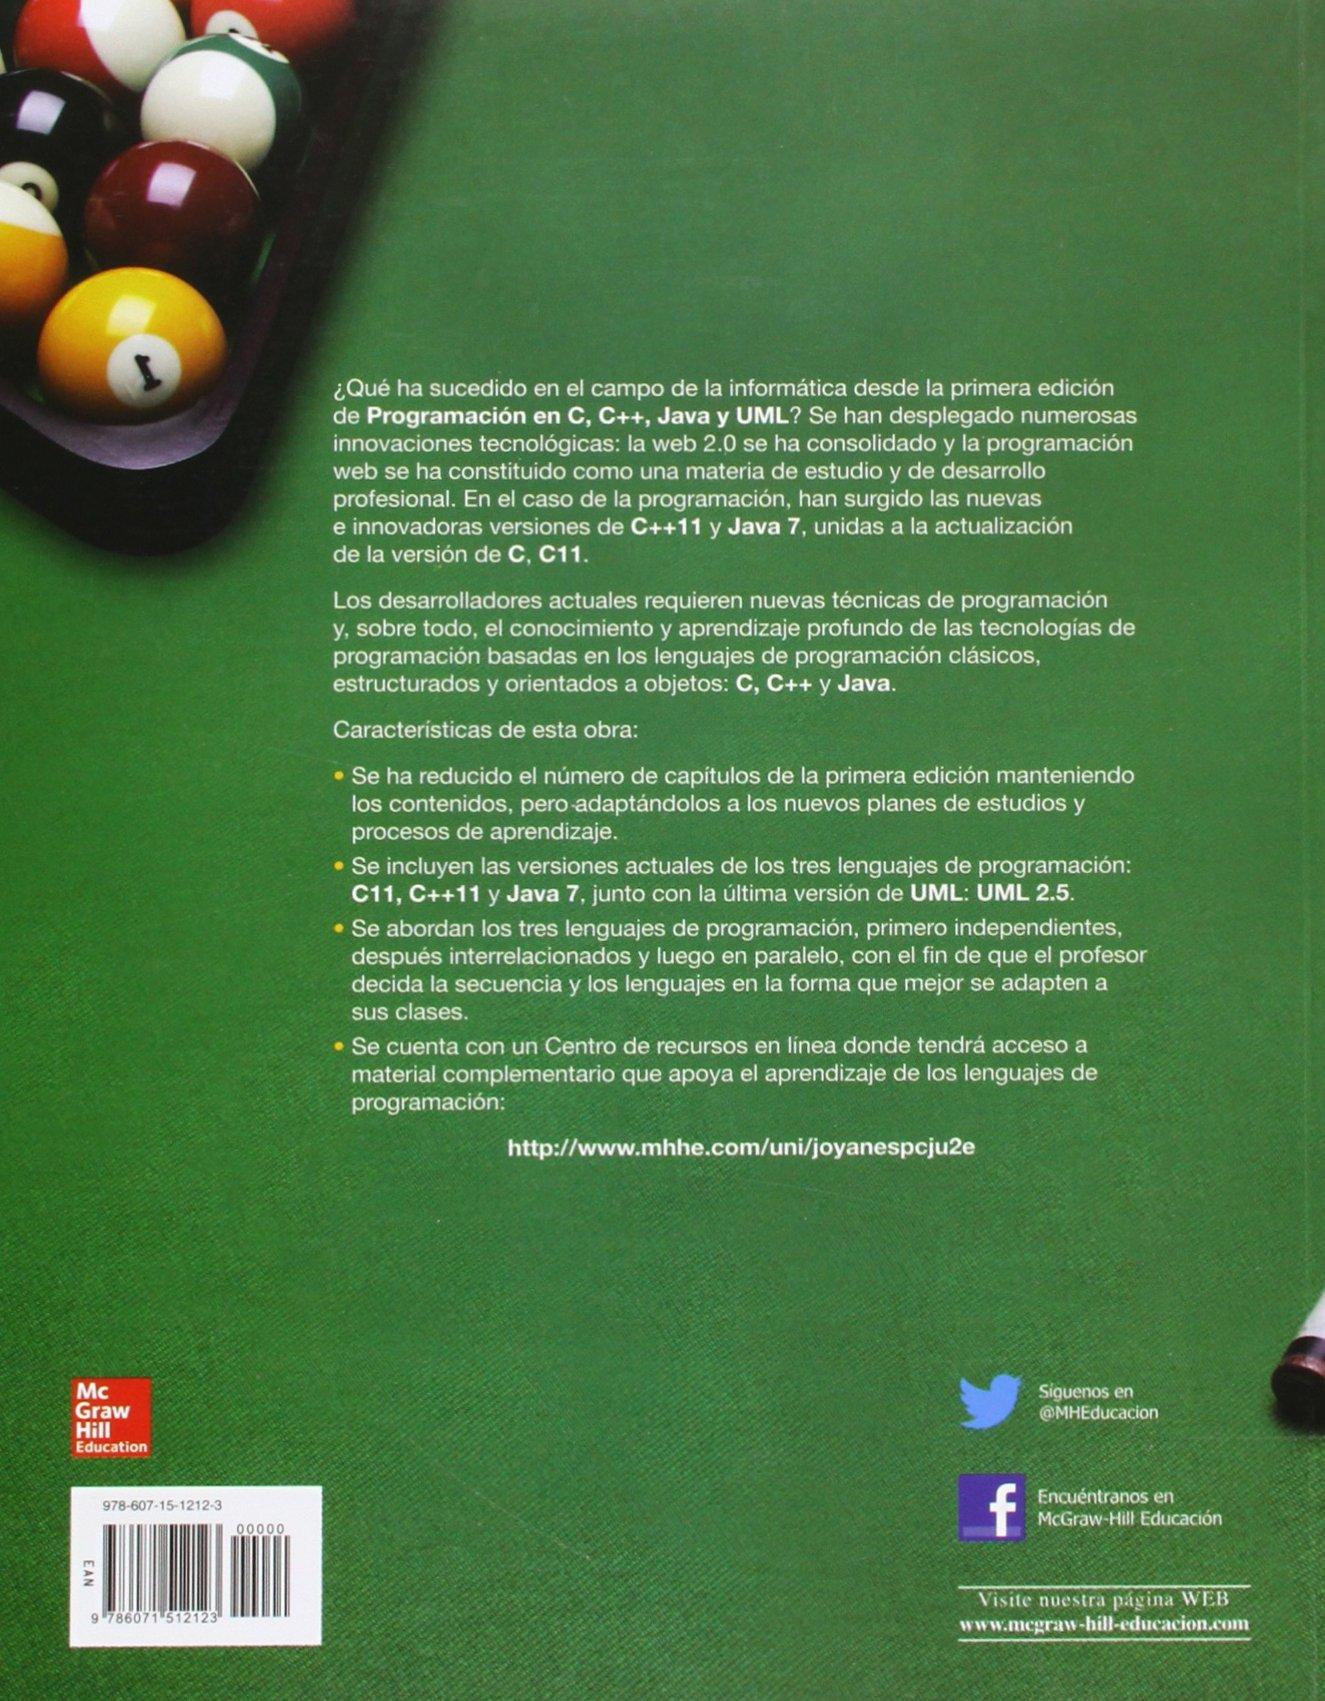 PROGRAMACION EN C, C++, JAVA Y UML: Amazon.es: Aguilar,Luis: Libros